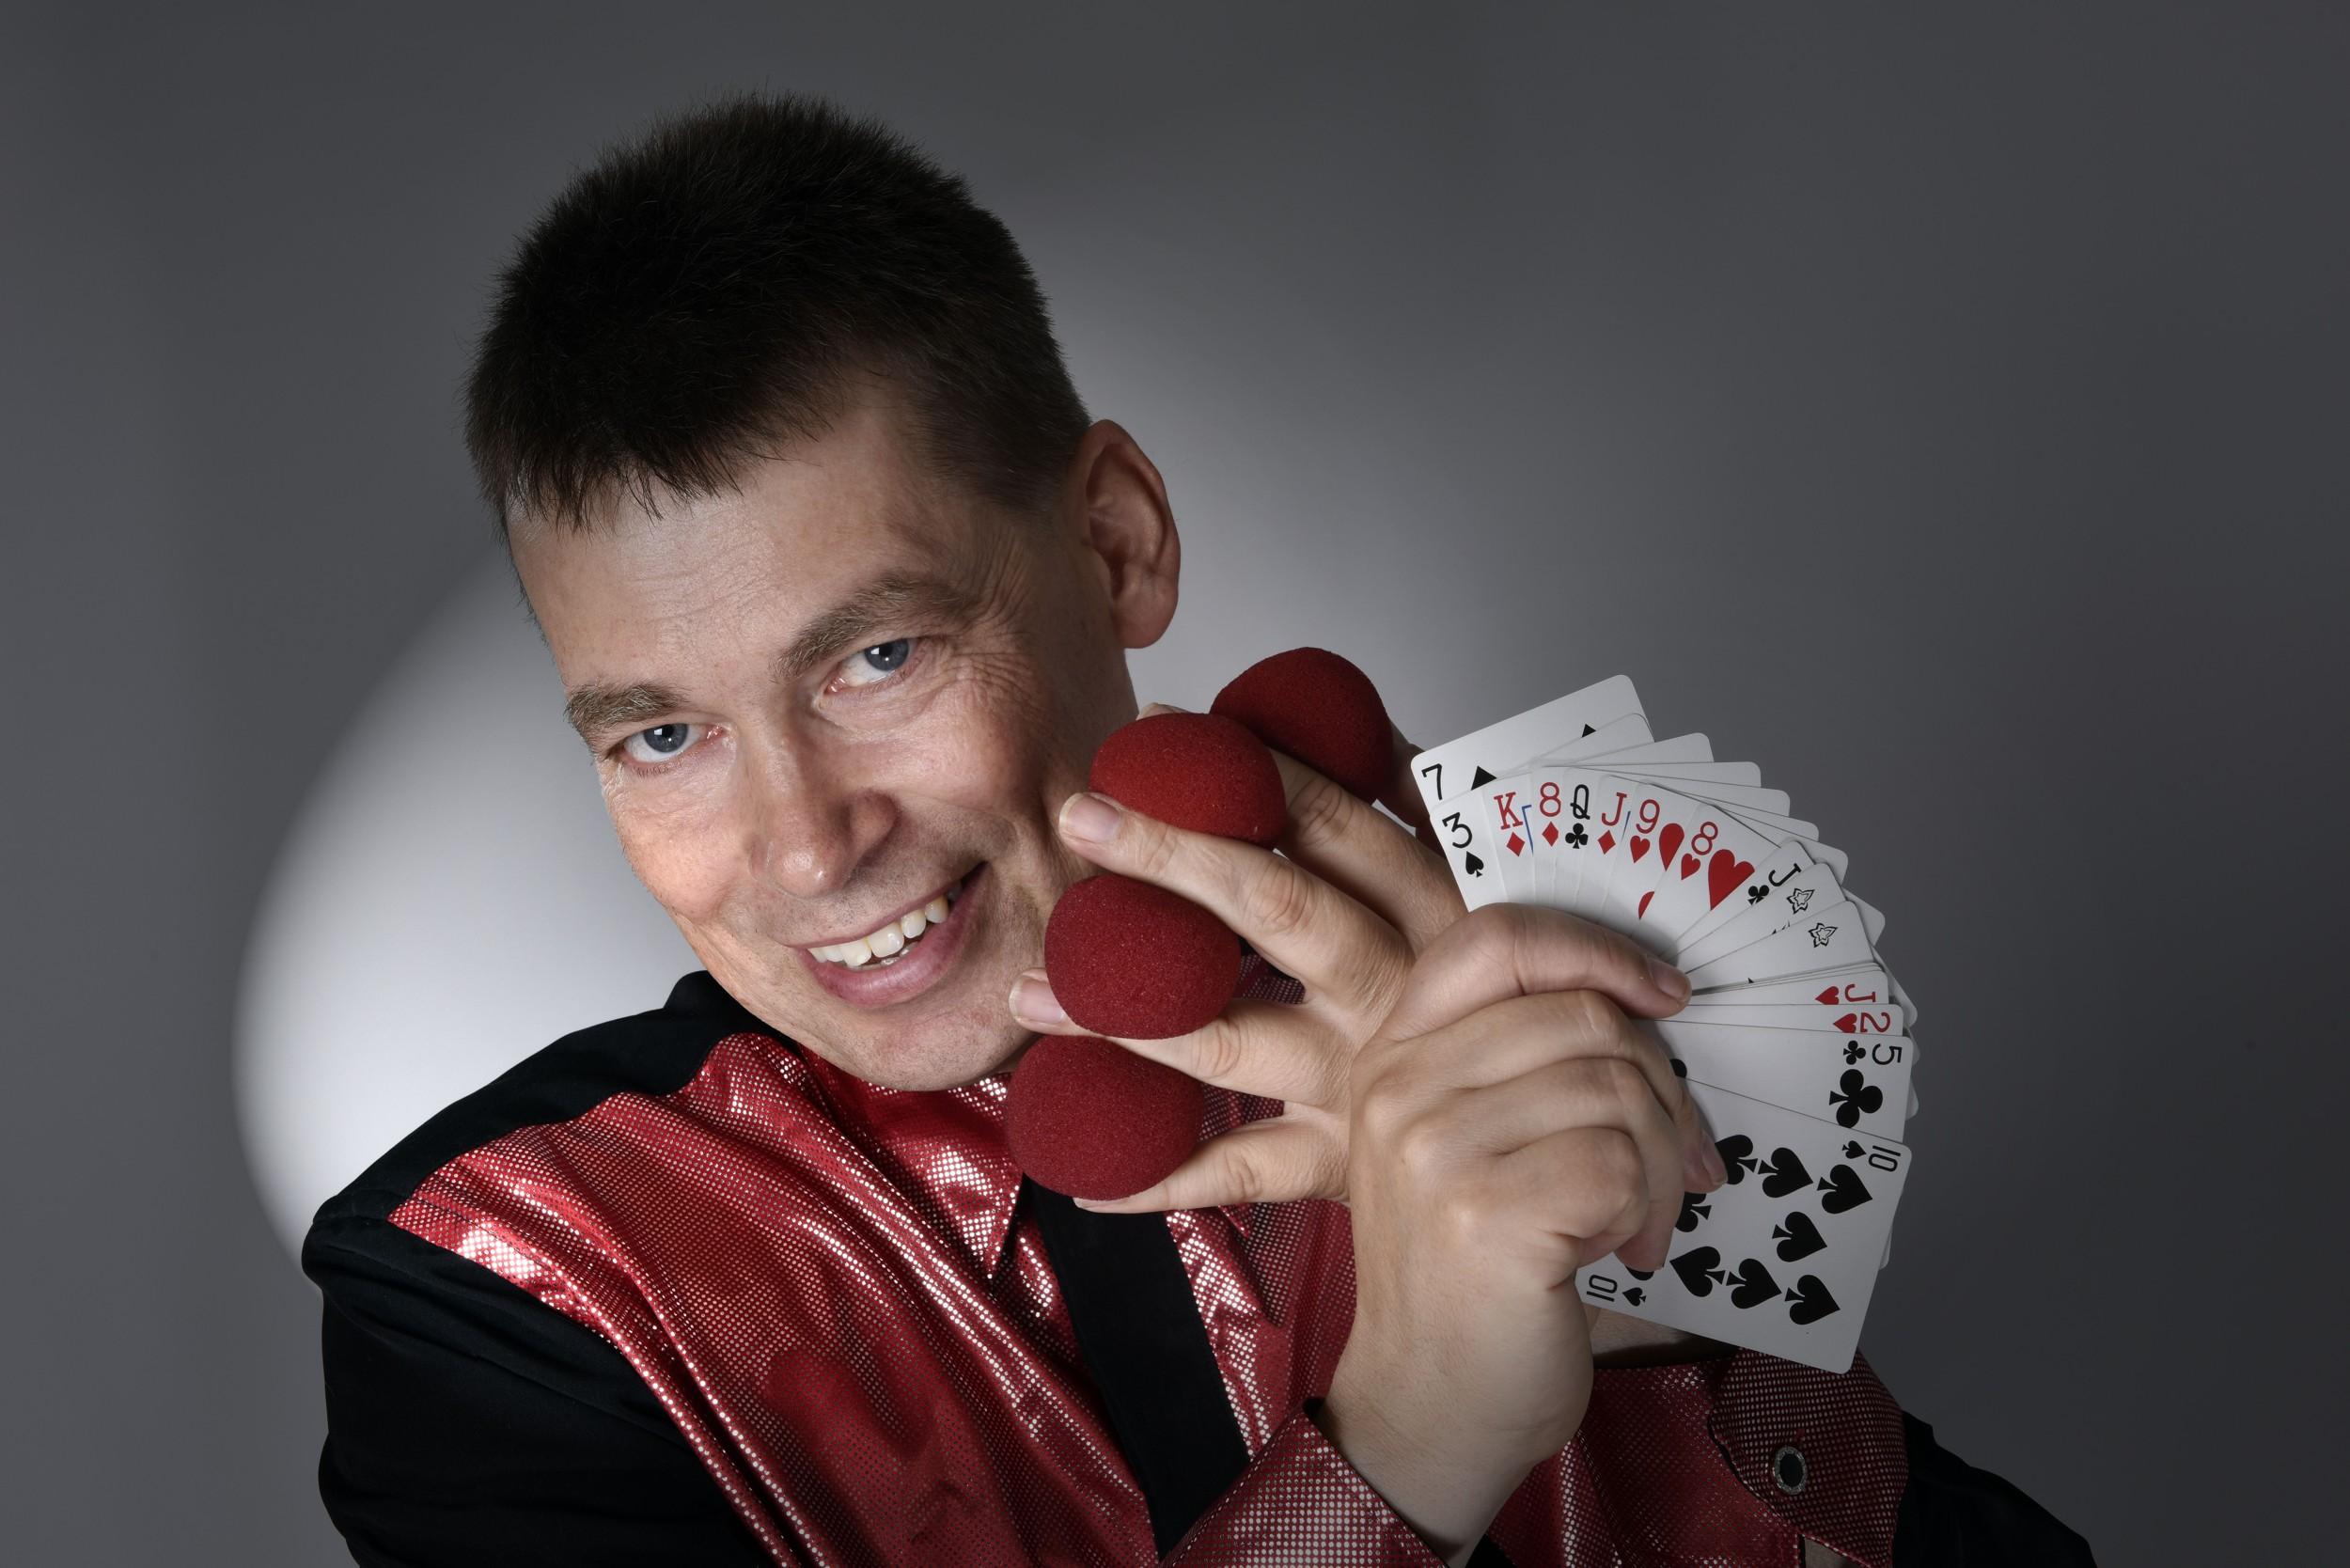 Zauberkünstler Andreas Knecht präsentiert einen Kartentrick